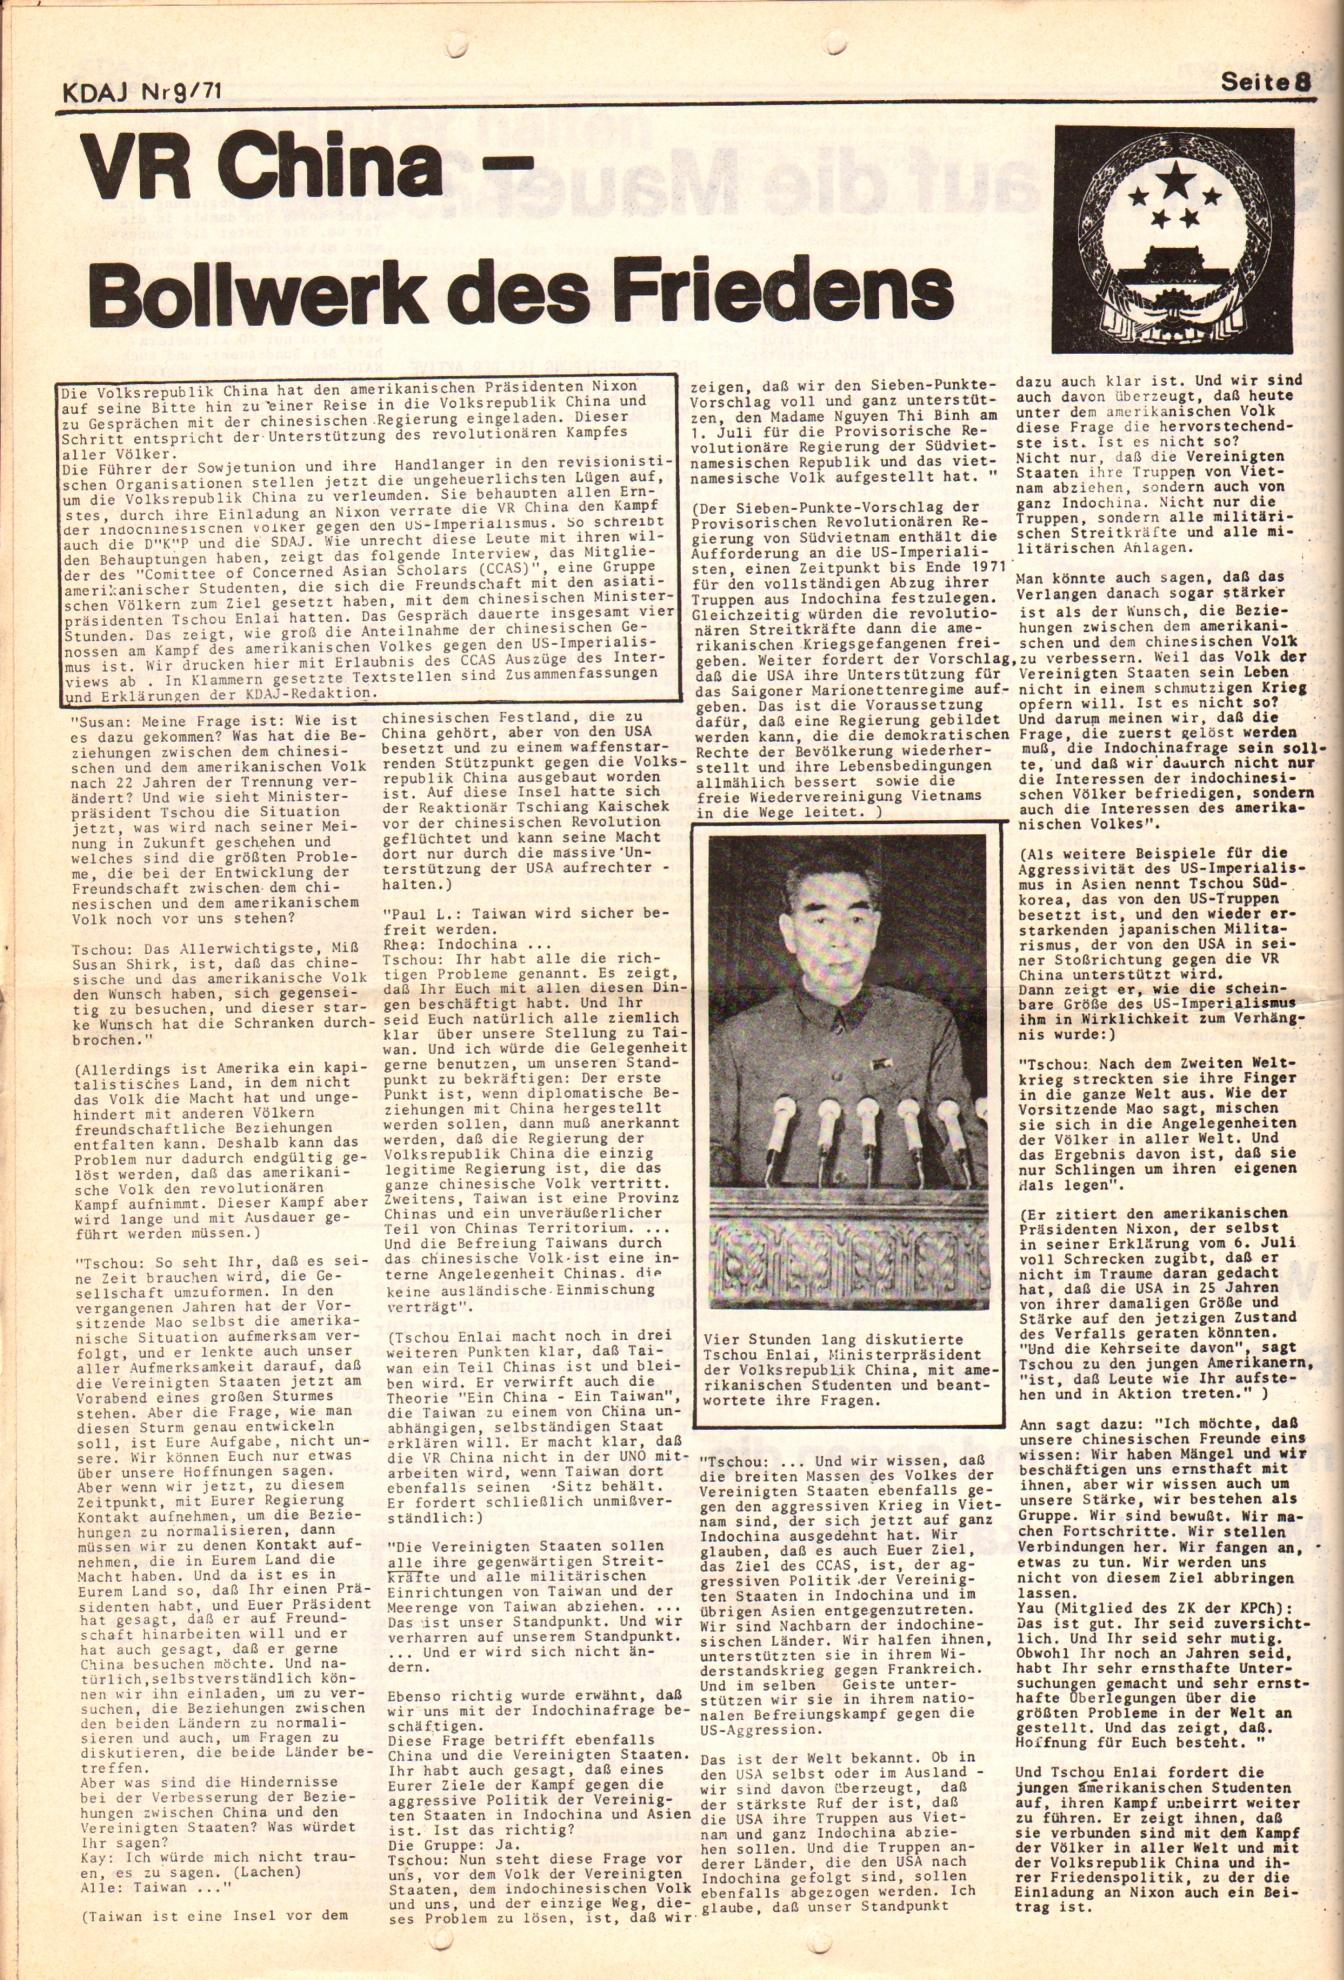 KDAJ, 2. Jg., September 1971, Nr. 9, Seite 8